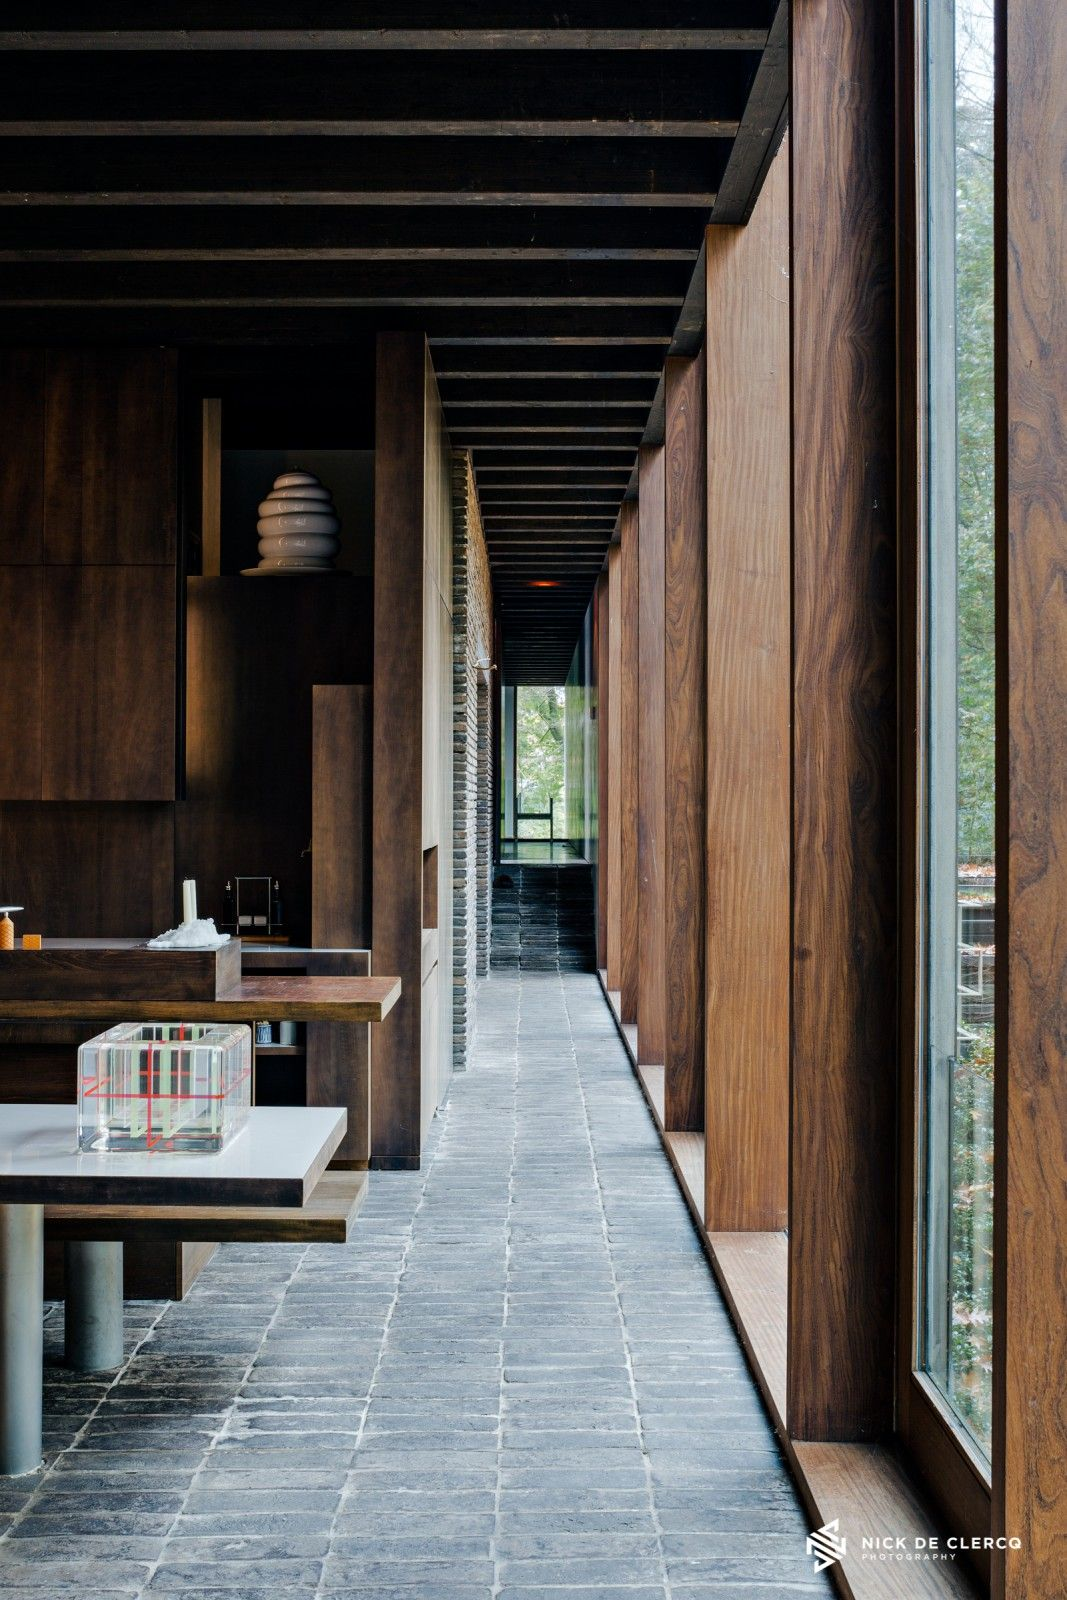 Wabi-Sabi Architecture - Nick De Clercq Photography … | Pinteres…